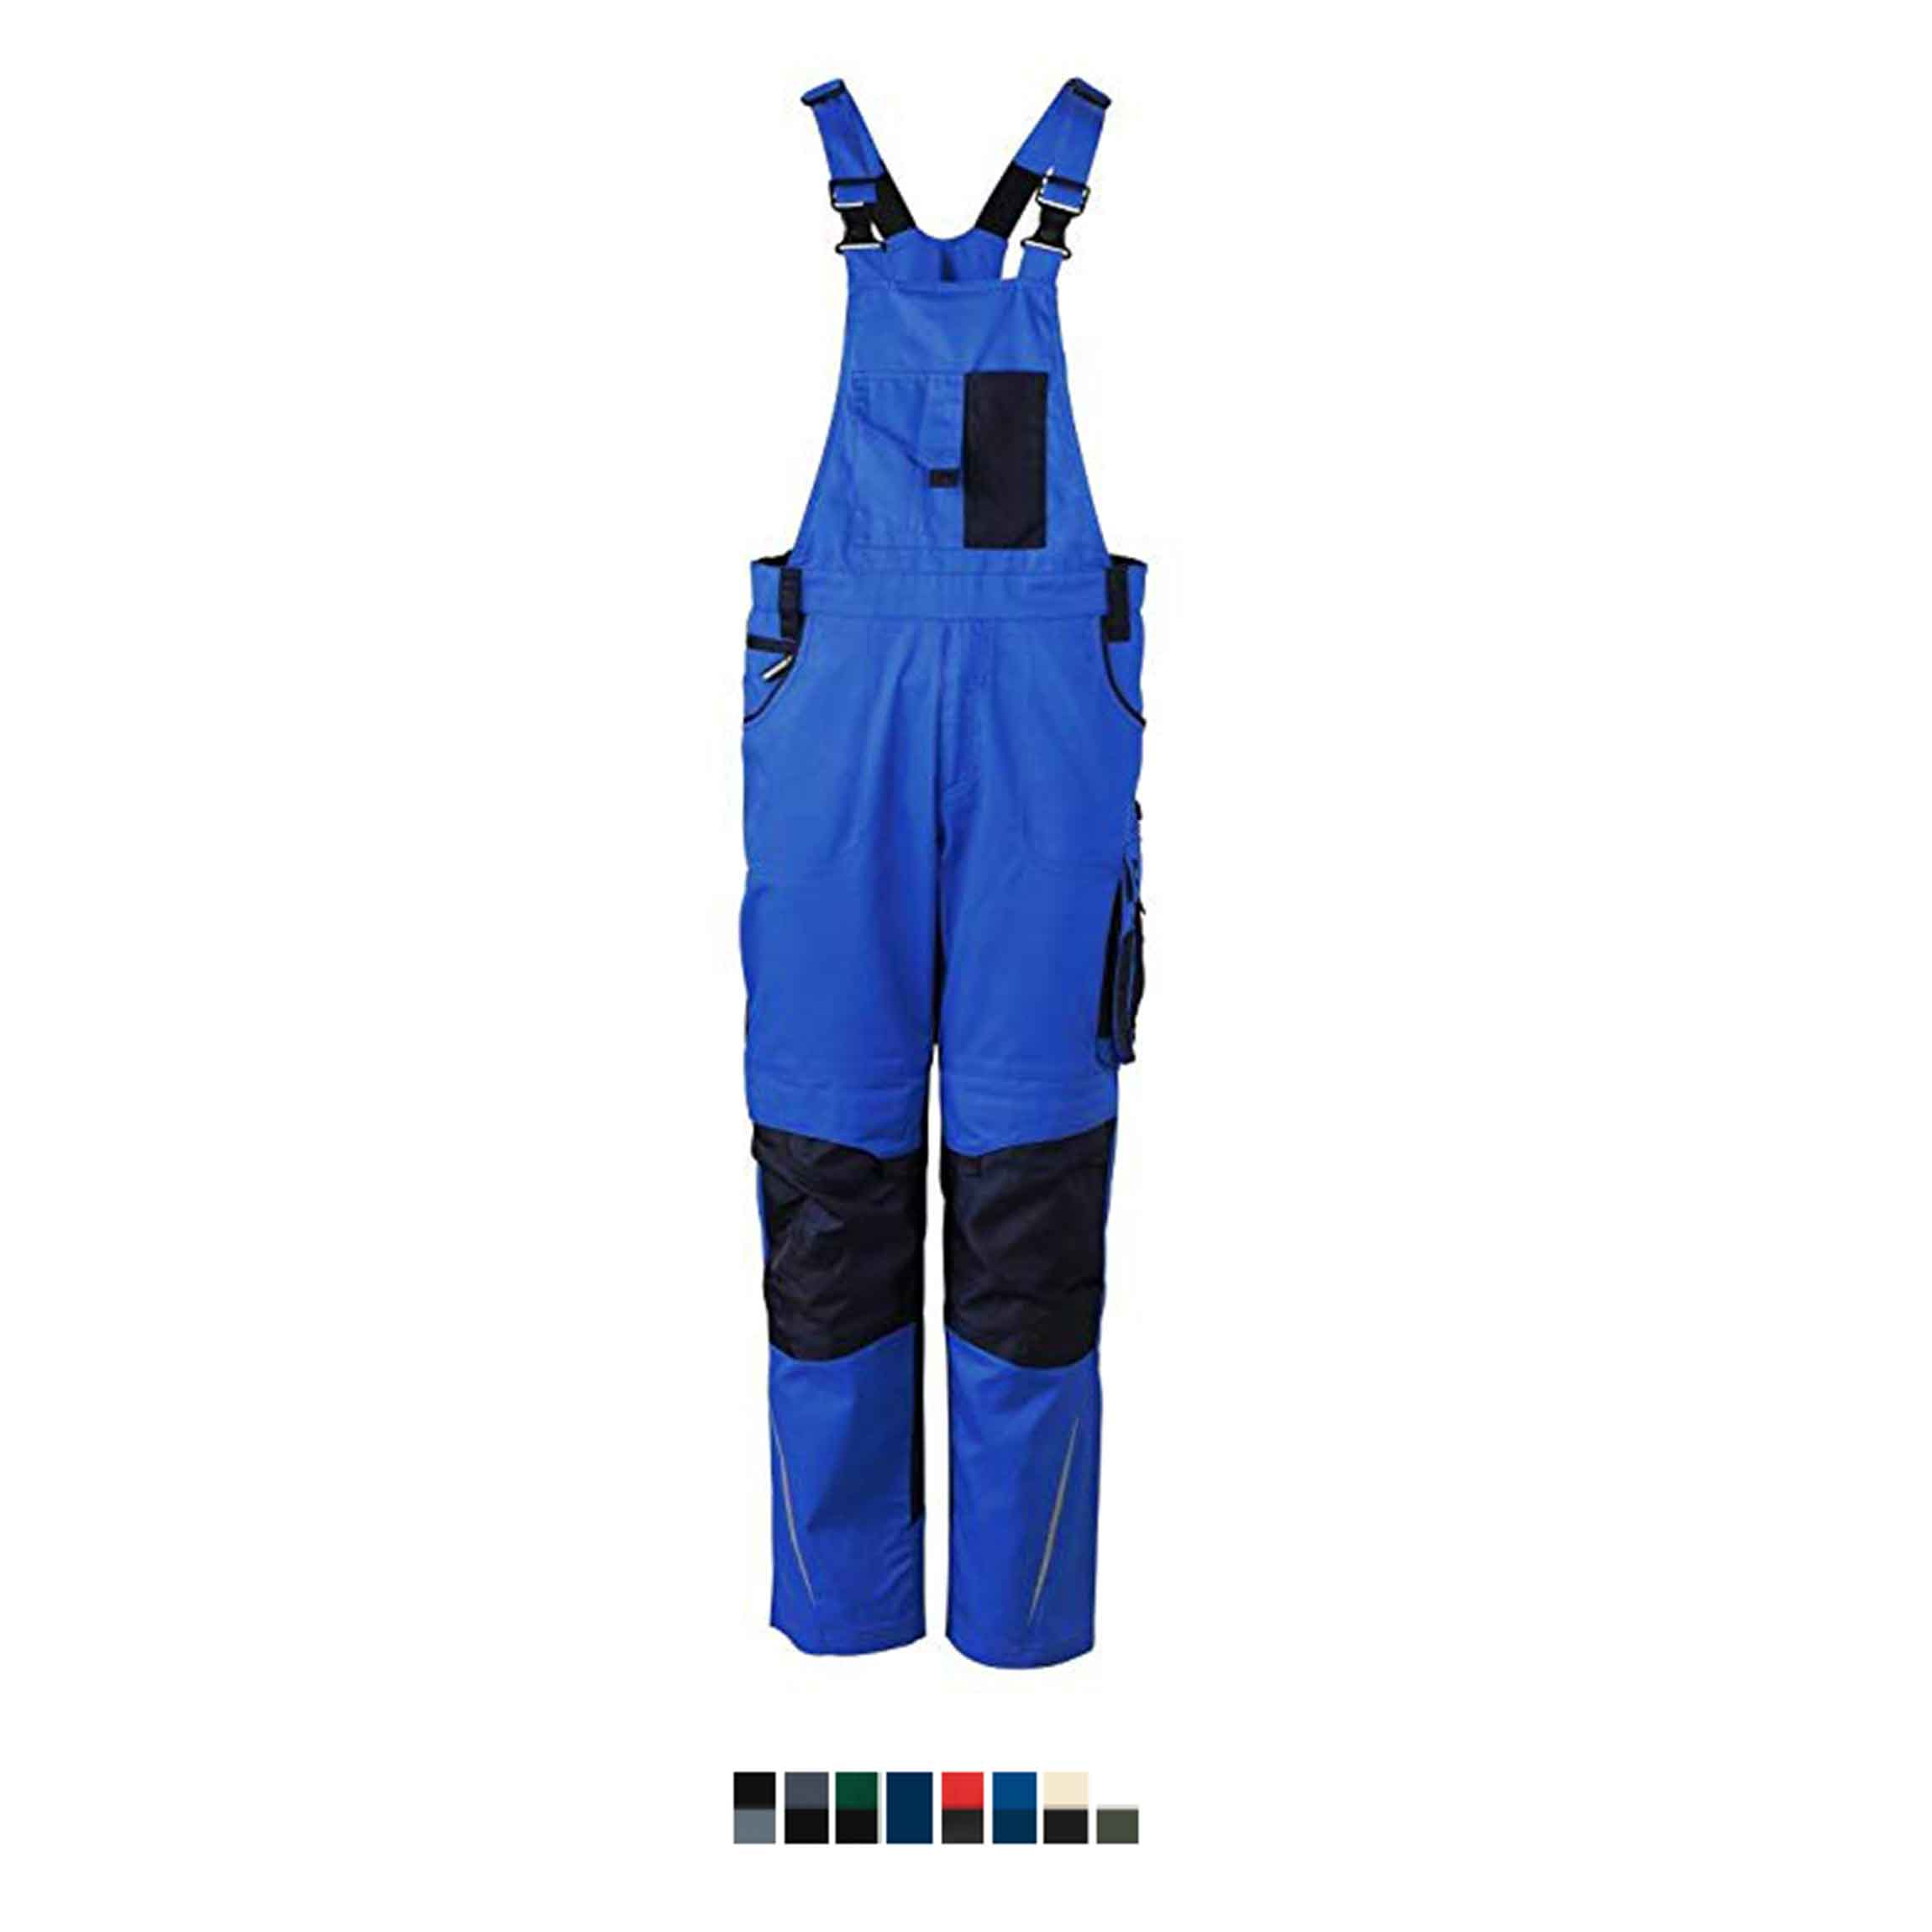 Radne hlače s naramenicama JN833